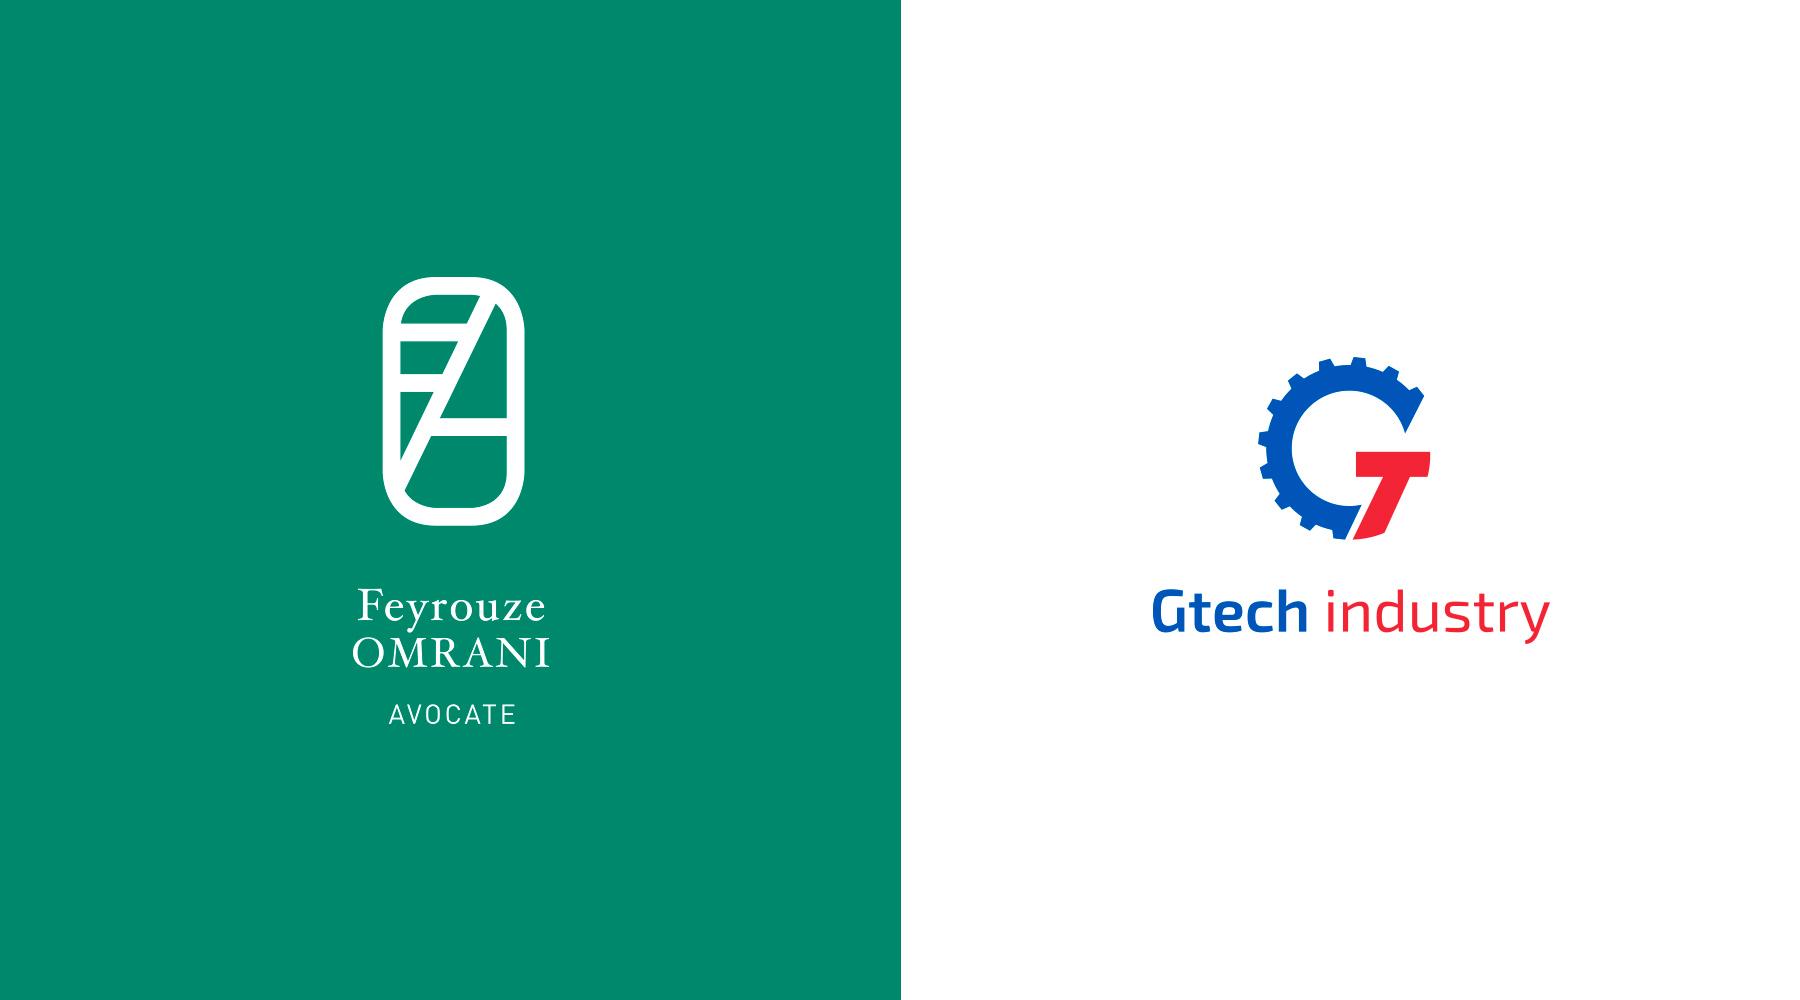 Logo Feyrouze Omrani, Logo Gtech industry.